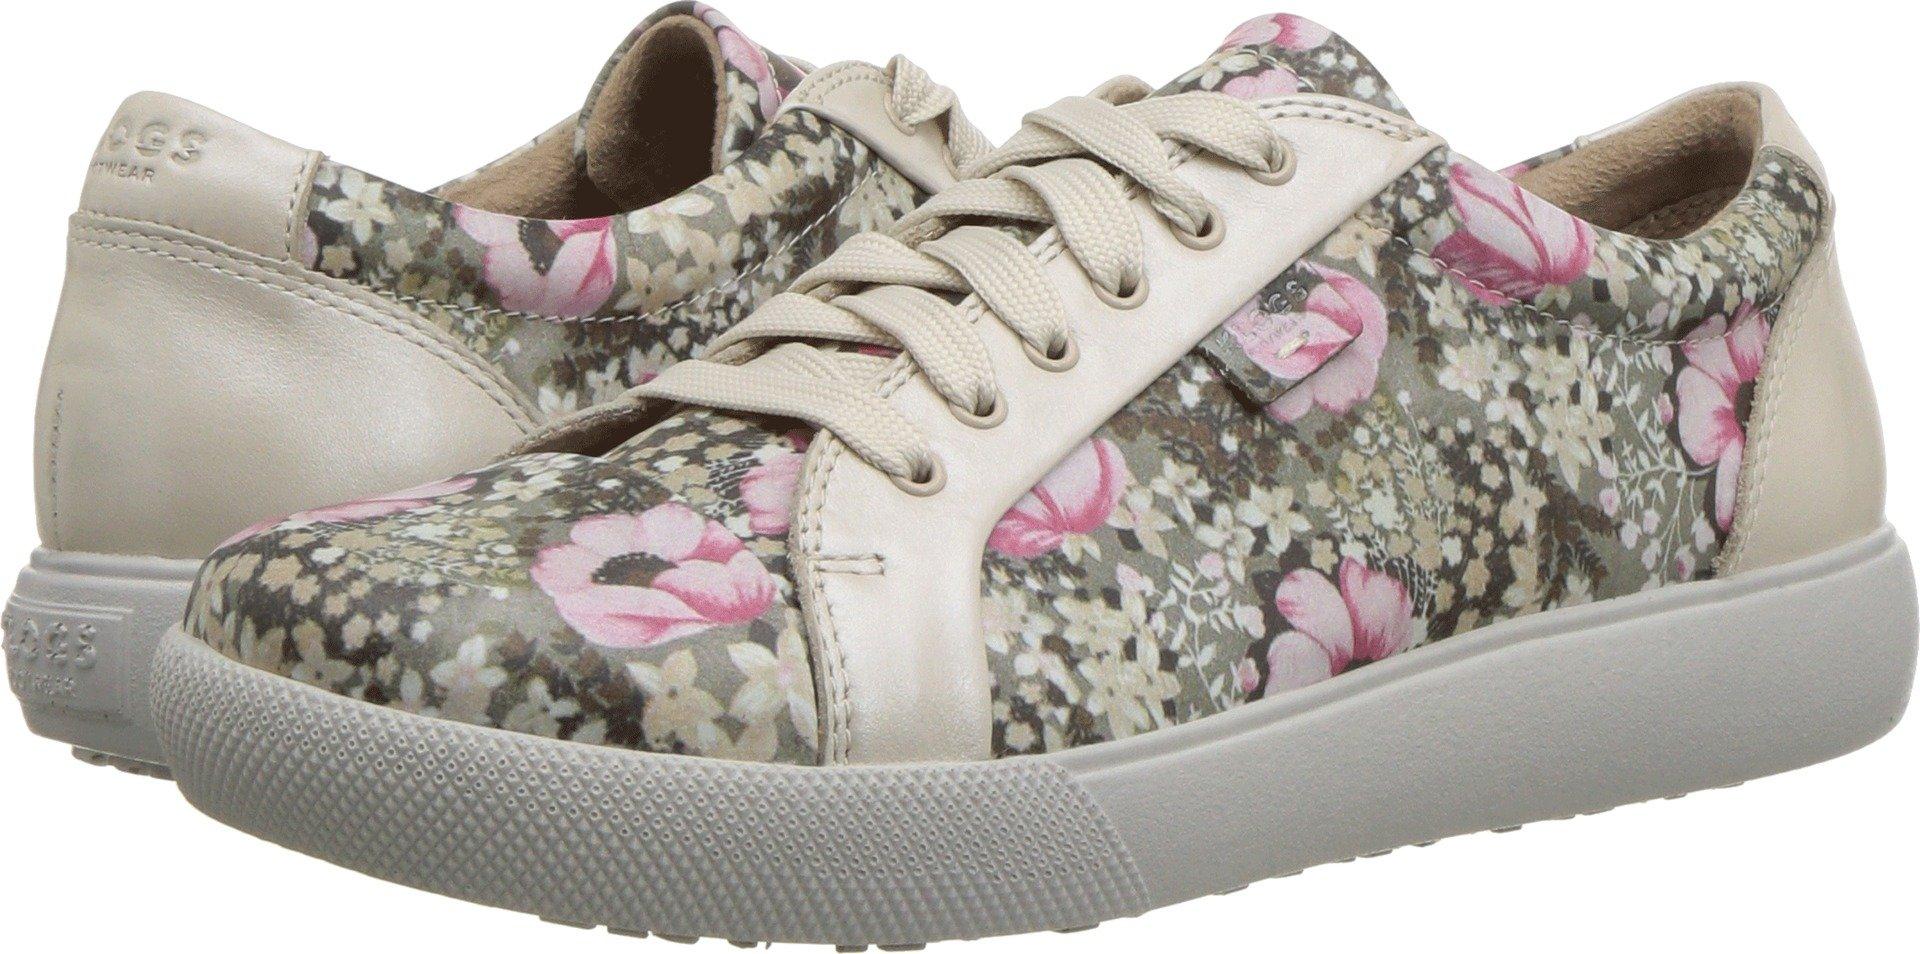 Klogs Footwear Women's Moro Beige Bleary/Petunia 8 M US